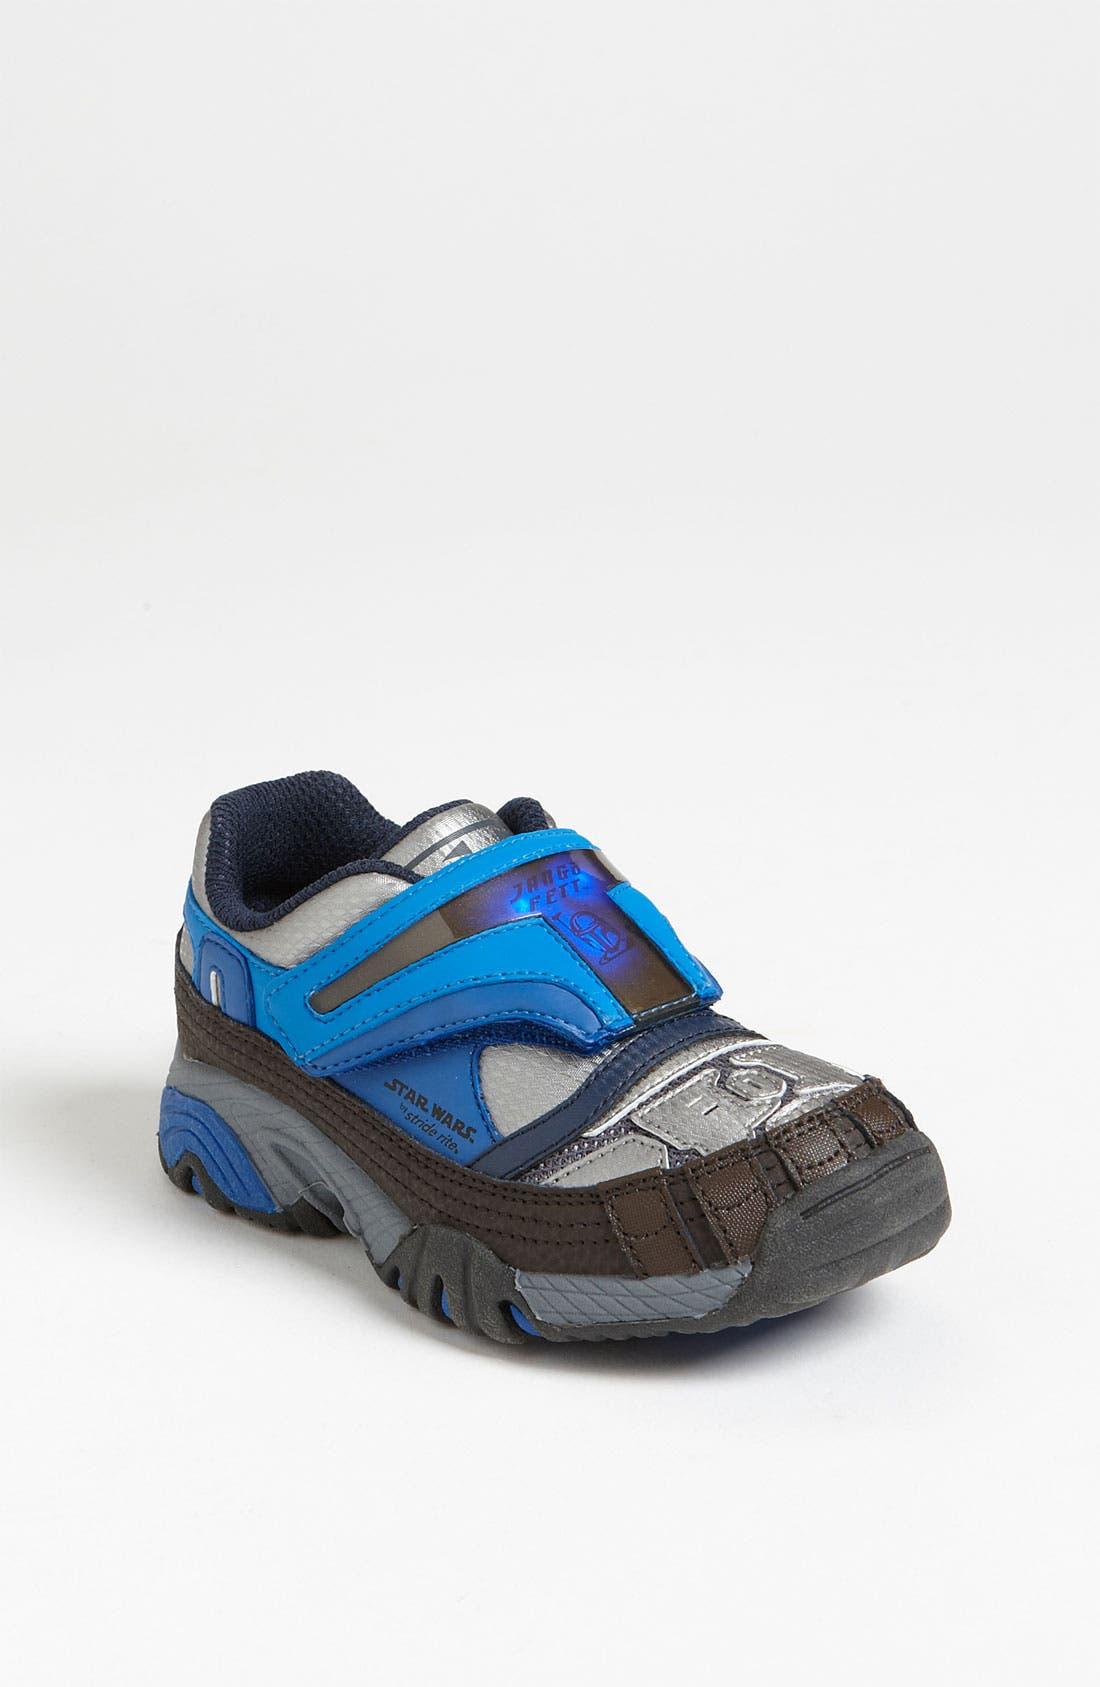 Alternate Image 1 Selected - Stride Rite 'Jango Fett™' Sneaker (Toddler & Little Kid)